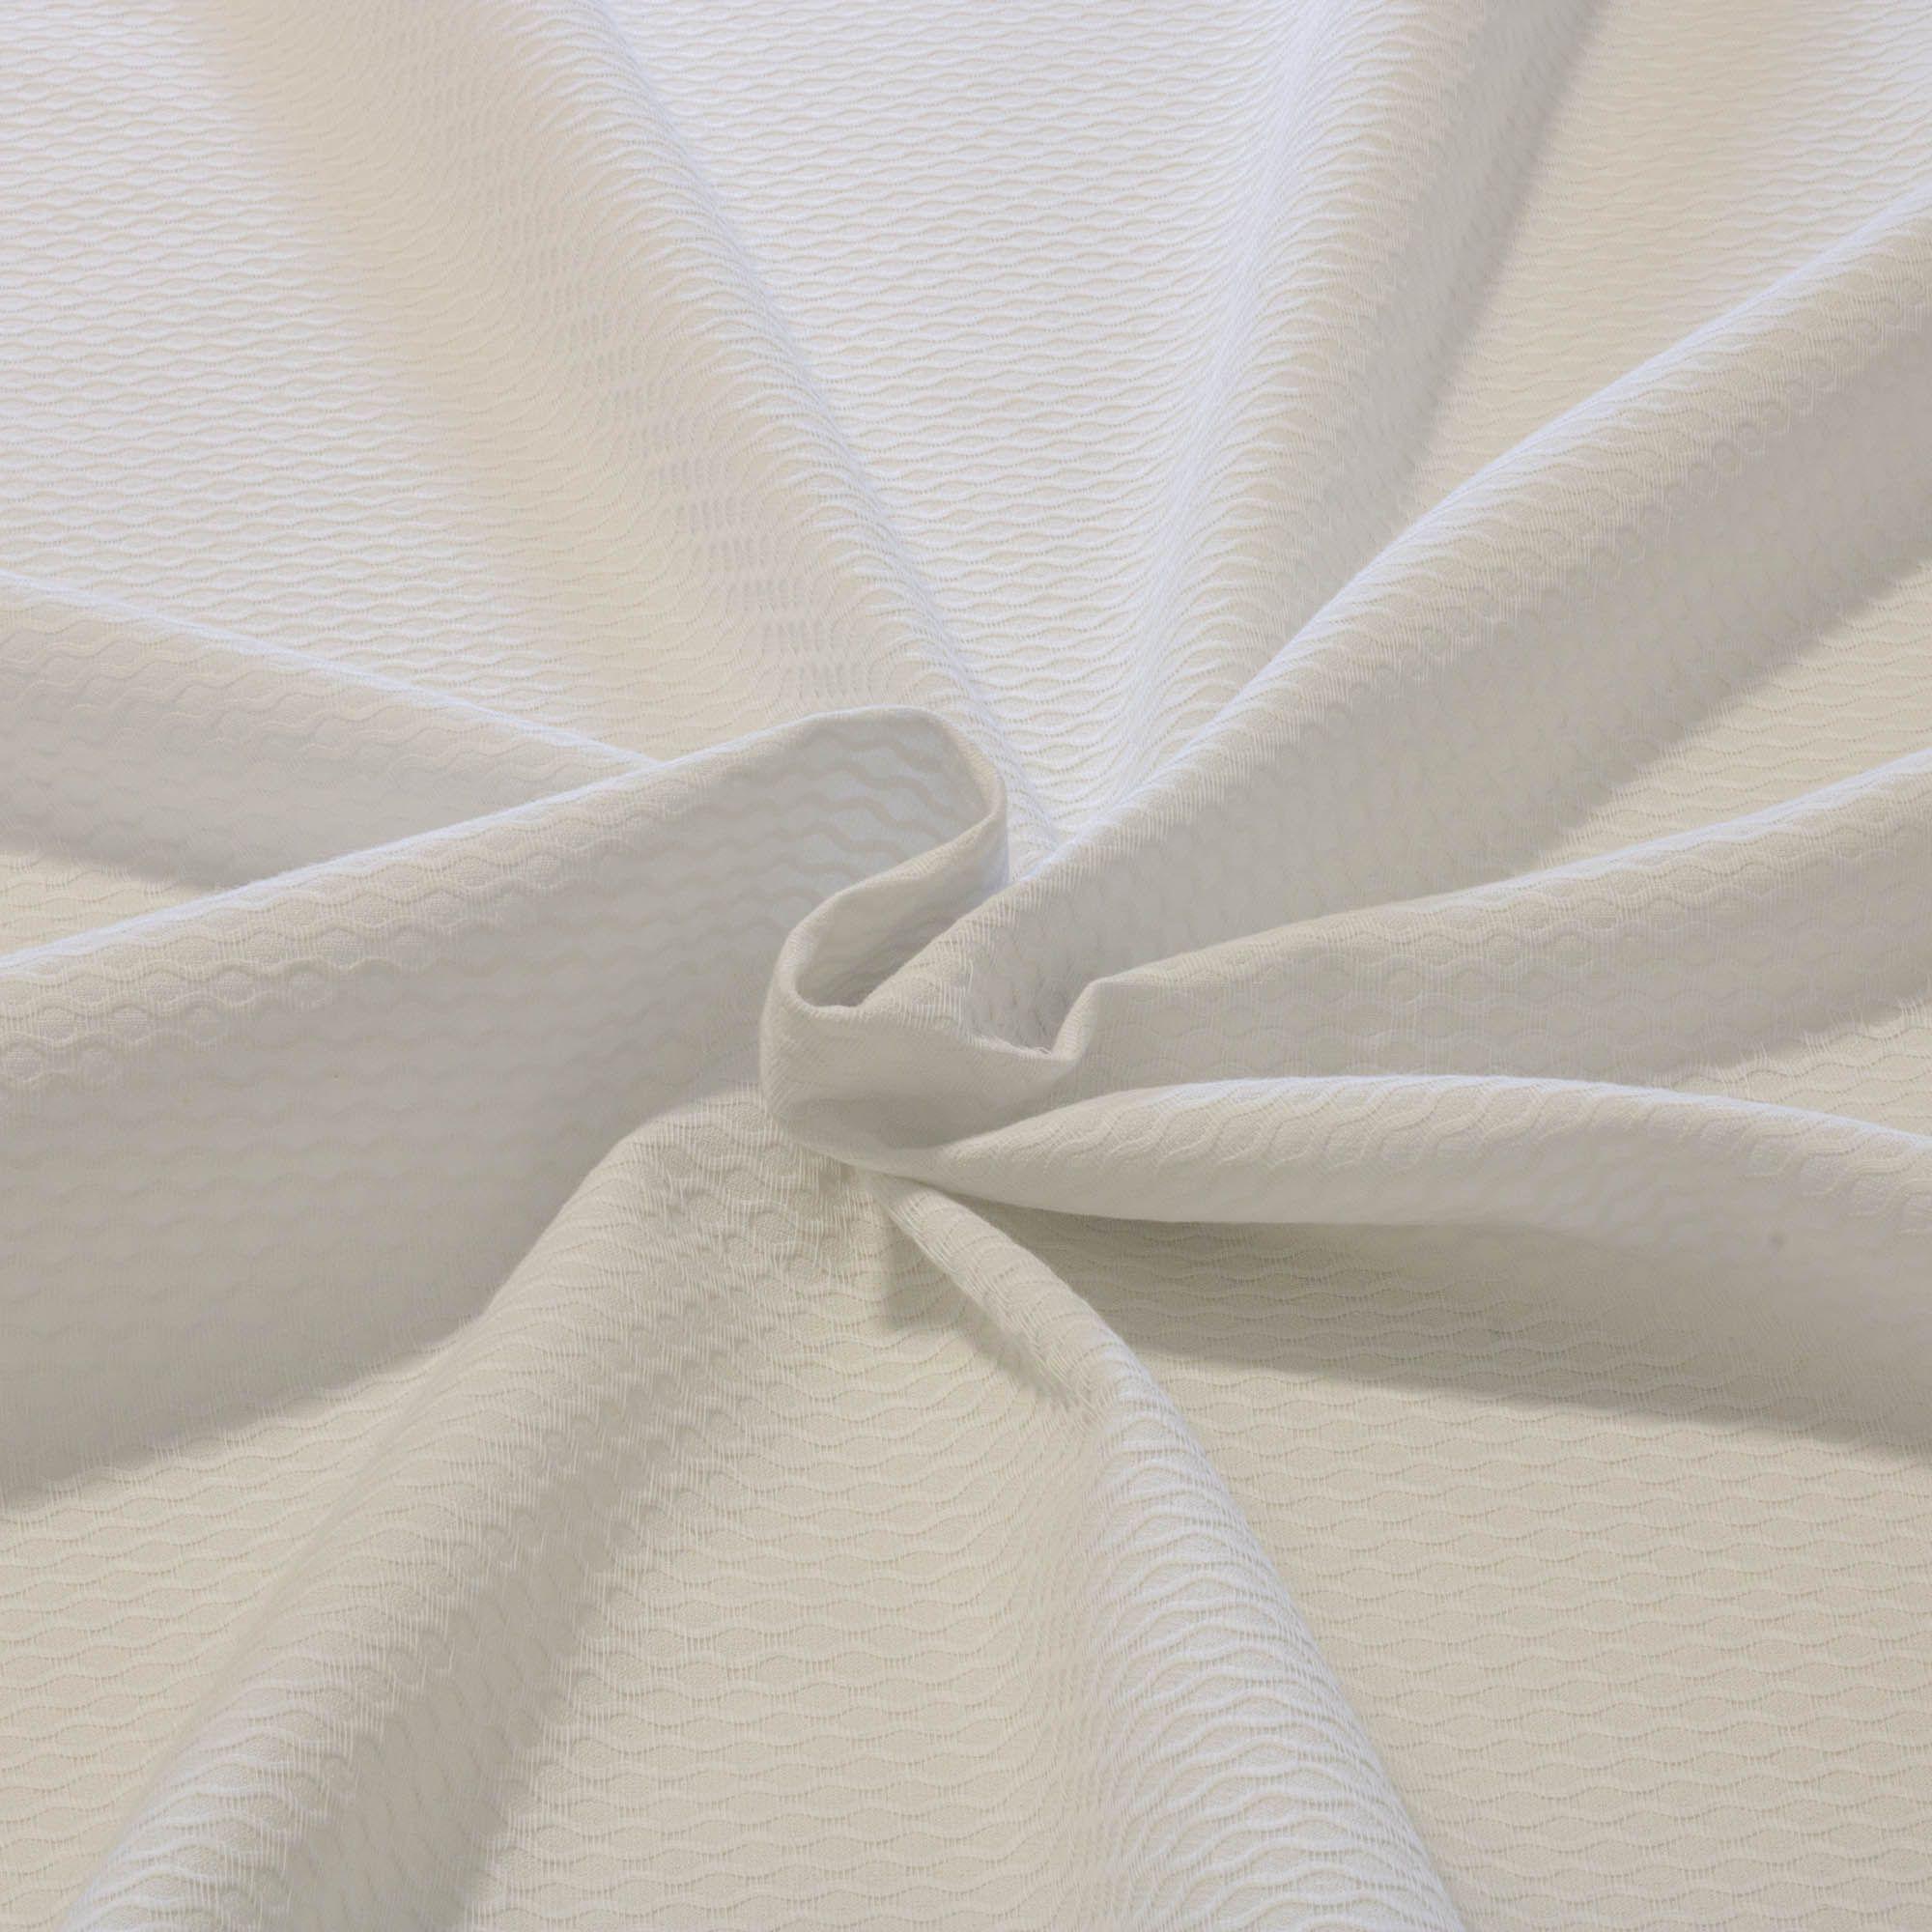 Tecido Piquet Bordado Dohler 100% Algodao 1,40 Mt Largura Branco